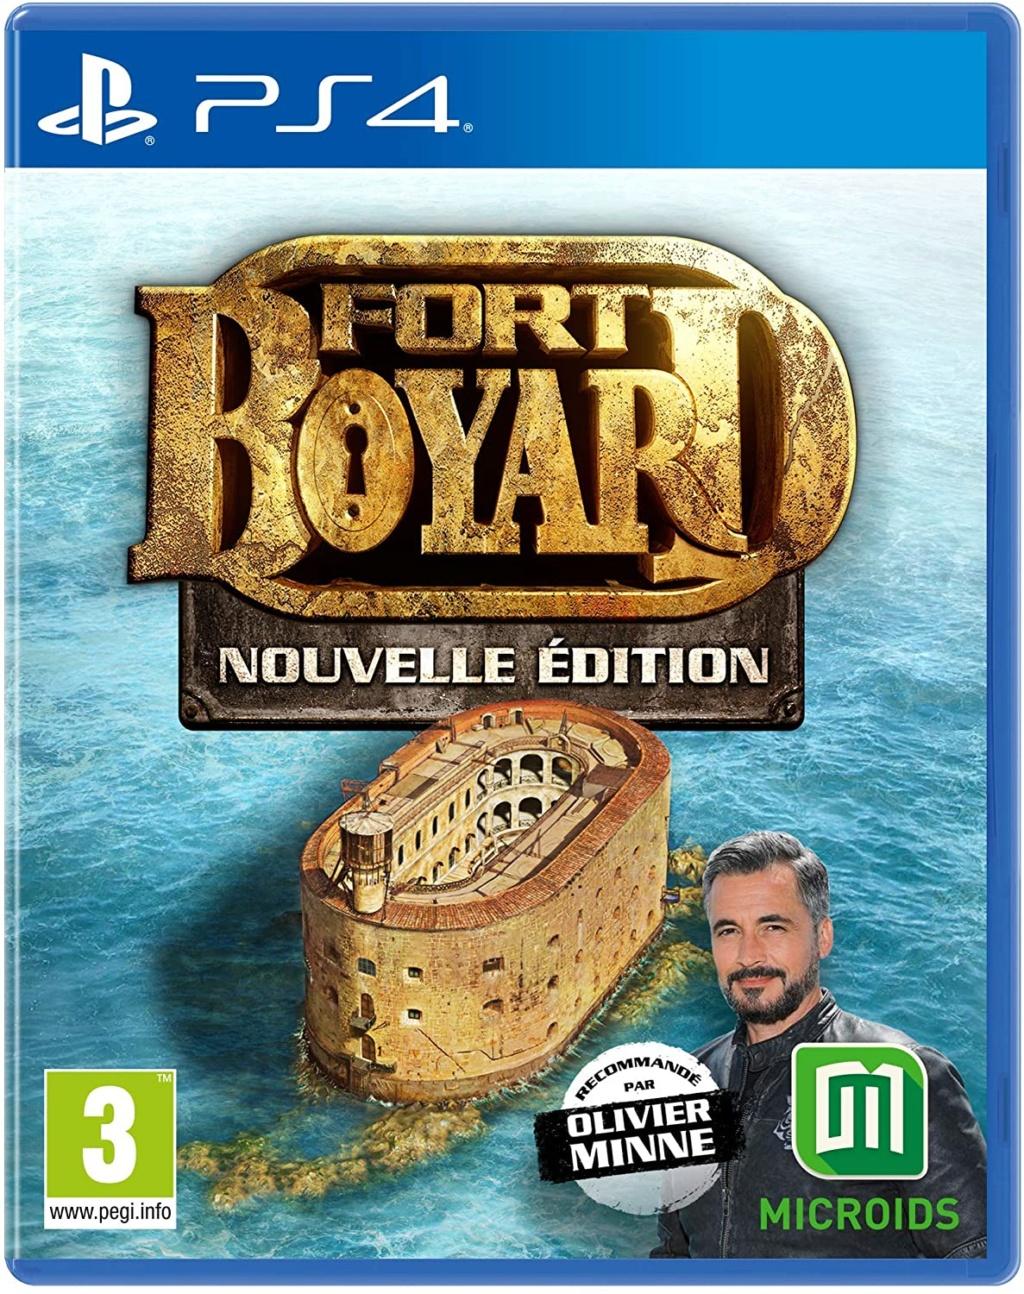 Jeu vidéo Fort Boyard de Microïds - PC/Switch/PS4/Xbox One - 2019 et 2020 - Page 9 91vnag10